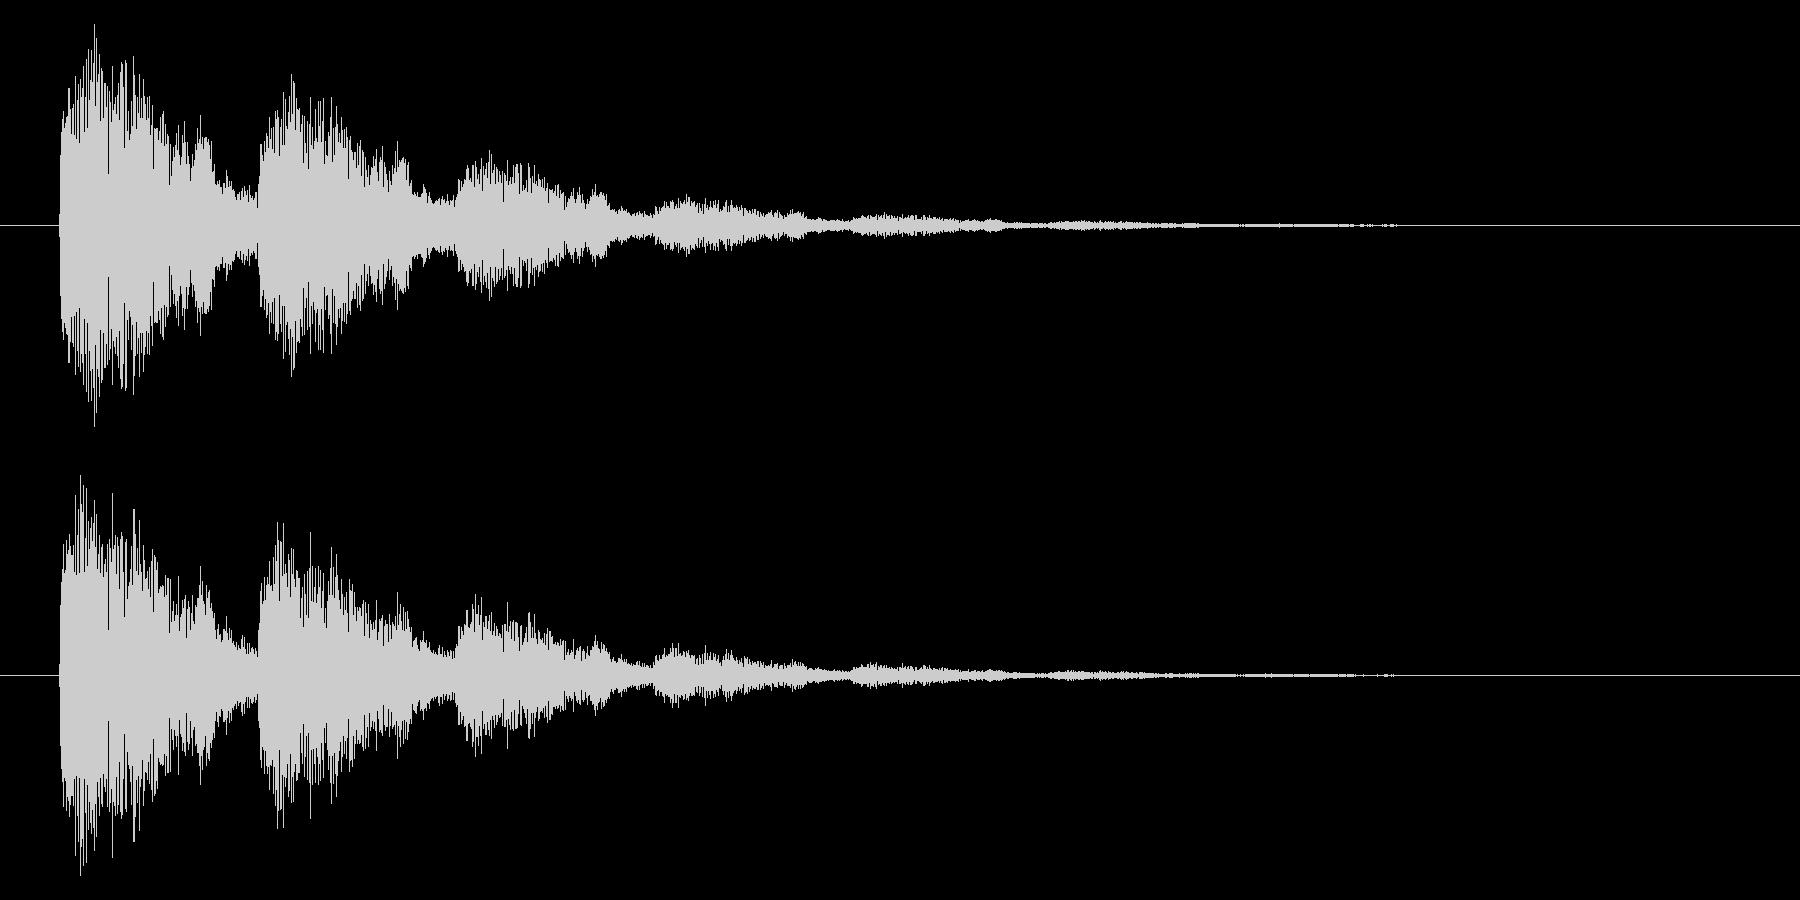 【アクセント43-2】の未再生の波形